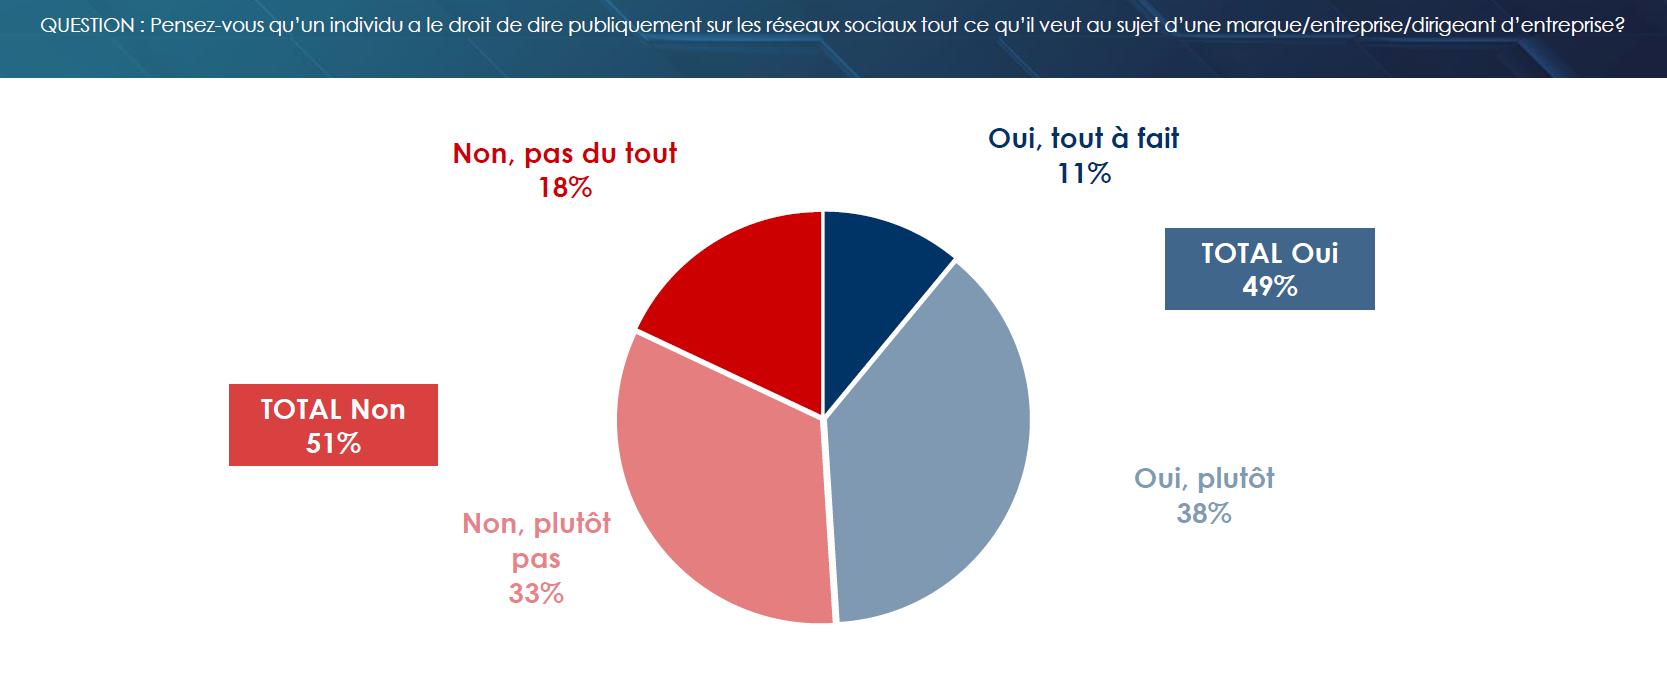 1 Français sur 2 pense qu'il a le droit de dire tout ce qu'il veut au sujet d'une marque ou d'un dirigeant sur les médias sociaux